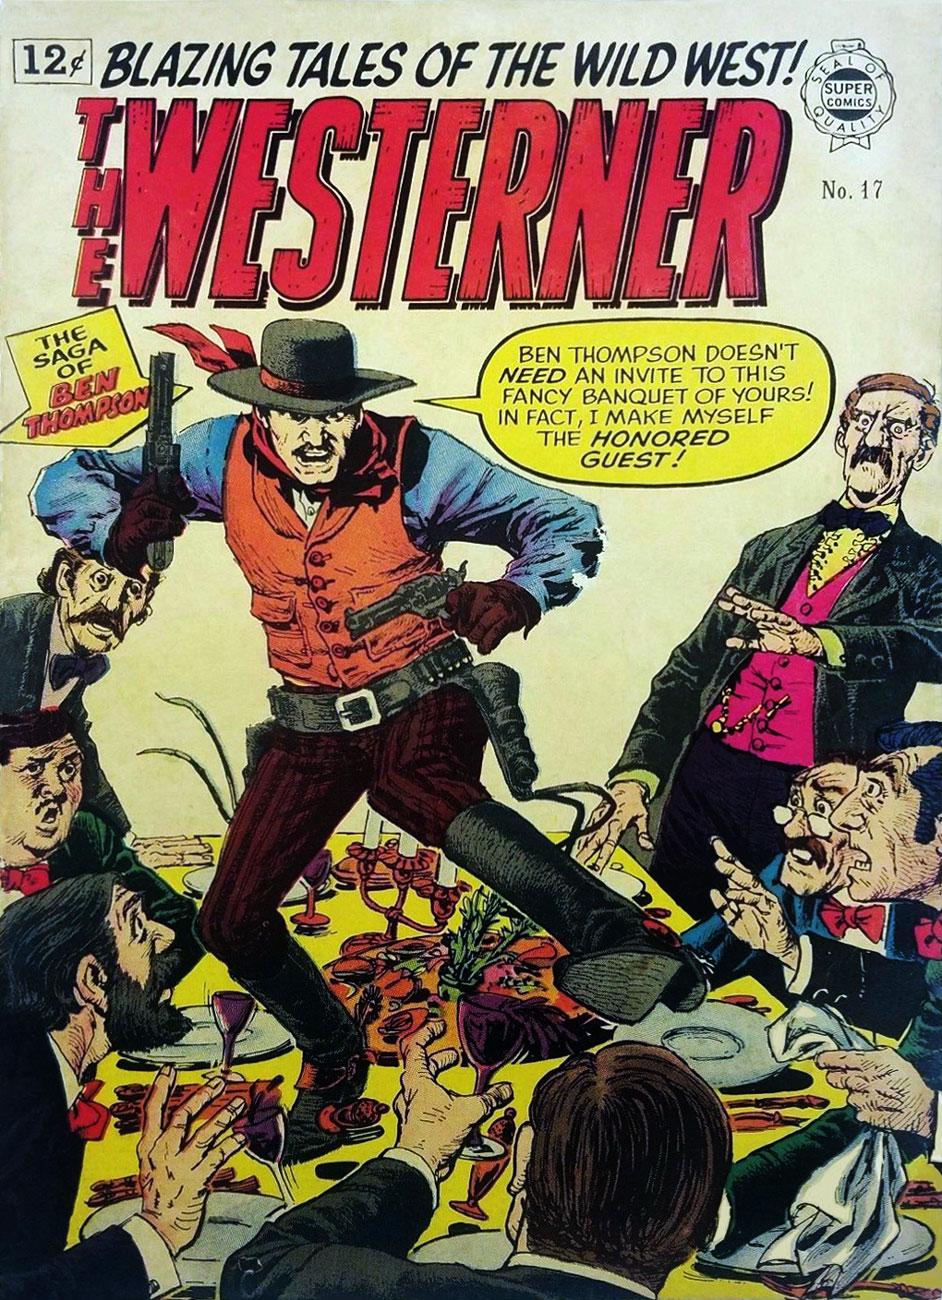 Westerner17A